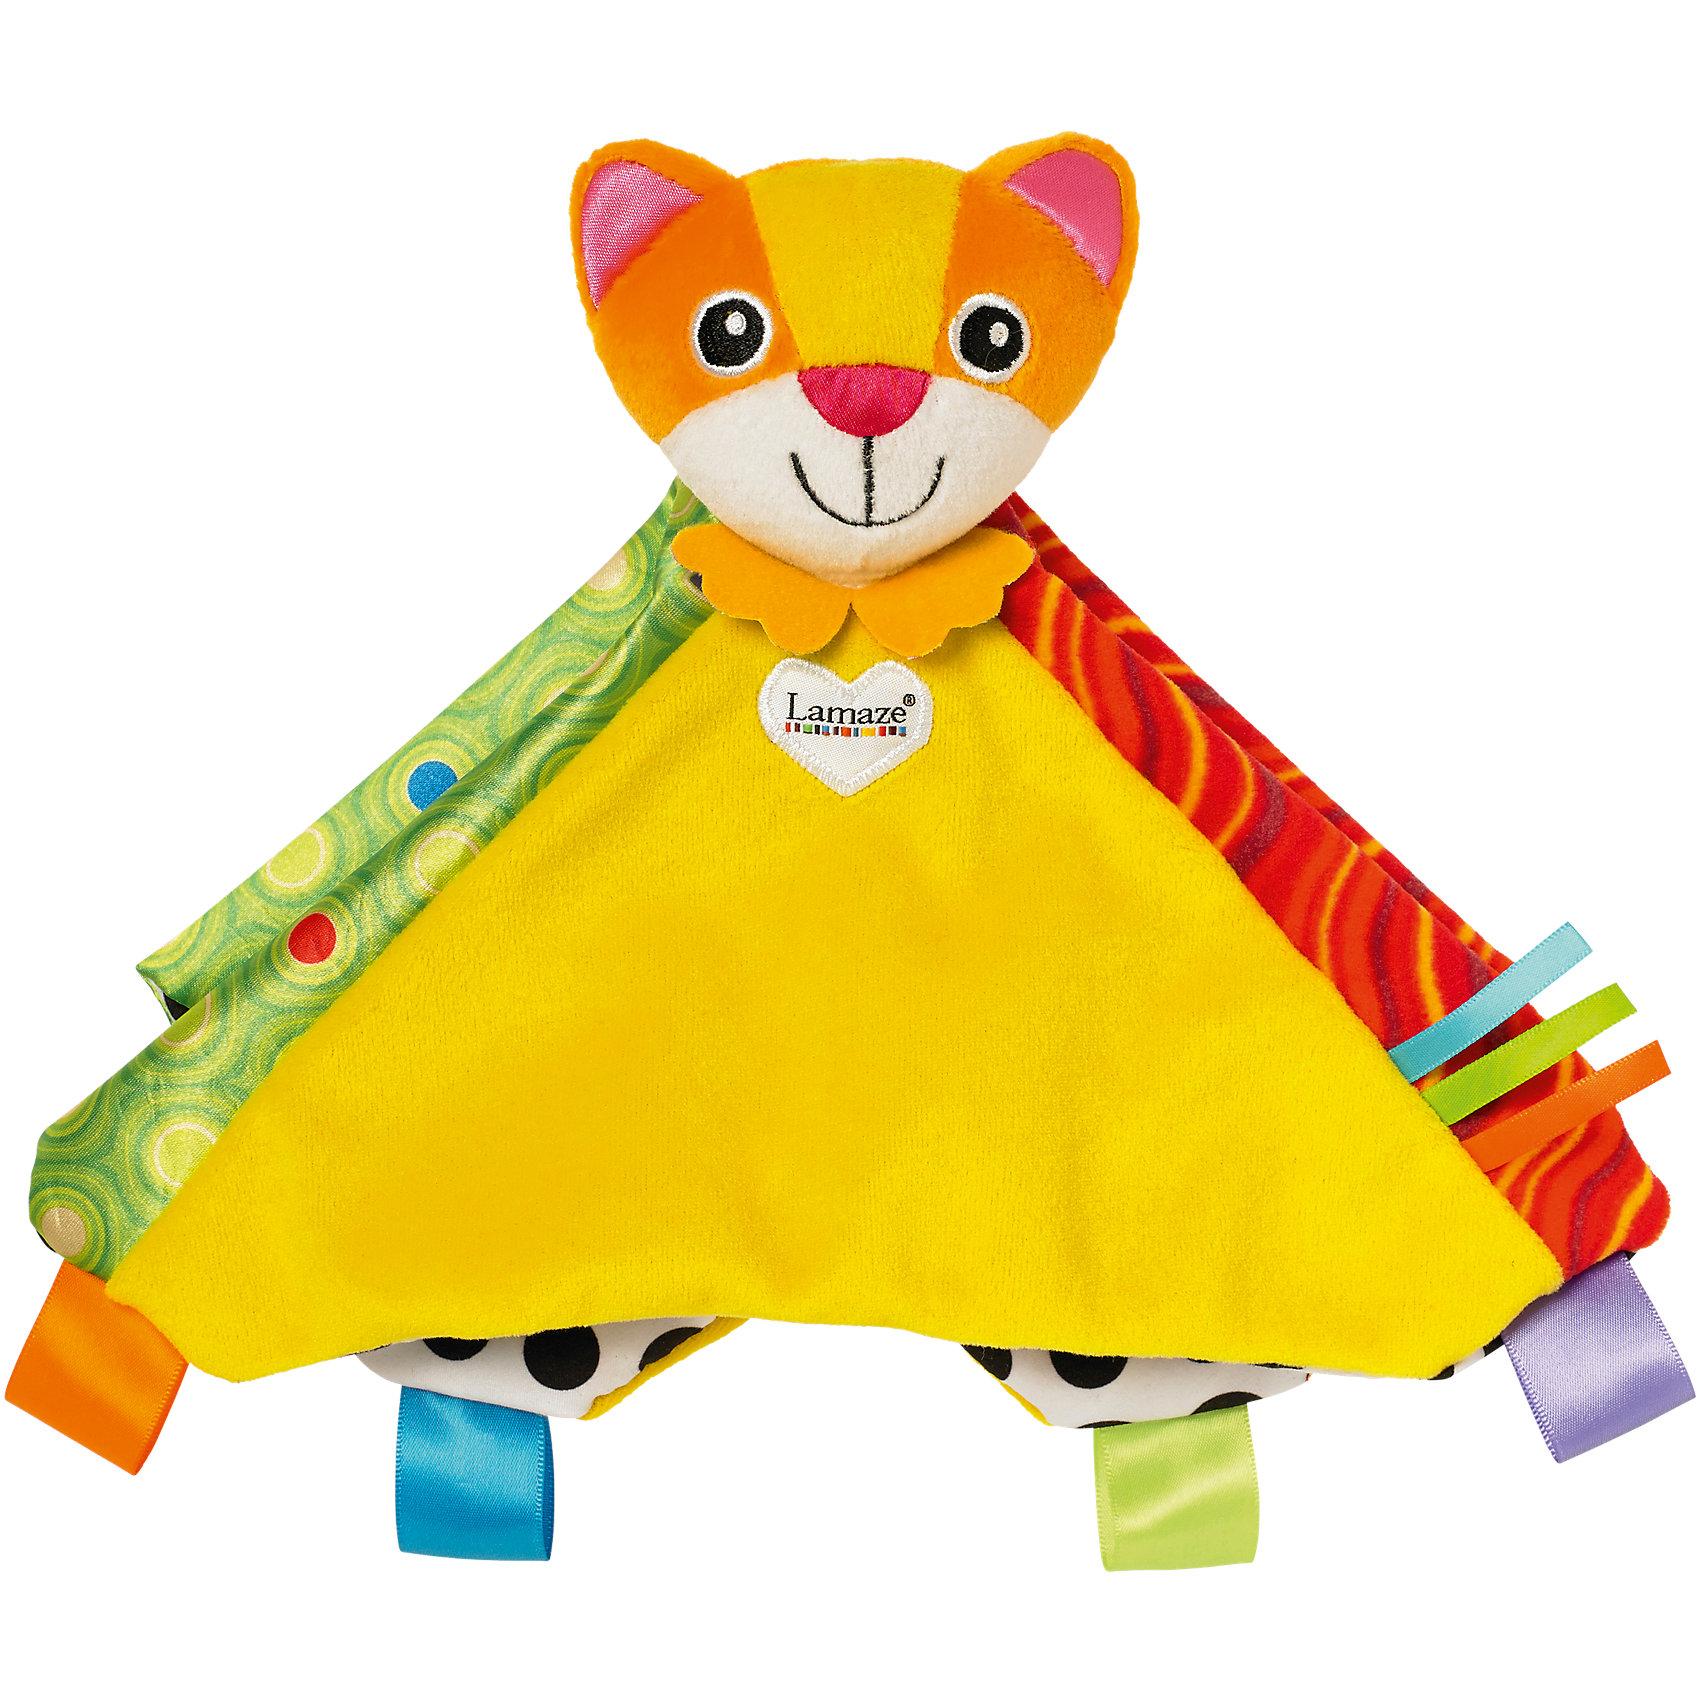 Игрушка Котенок Митти, LamazeПогремушки<br>Оригинальная игрушка - погремушка для малышей. Выполнена из ярких  материалов разной текстуры, она прекрасно развивает тактильные ощущения, цветовосприятие, мелкую моторику; учит различать формы. Прекрасно подходит для маленьких детских ручек. Игрушка выполнена из высококачественных материалов, безопасных для детей. <br><br>Дополнительная информация:<br><br>- Размер: 25х25х10 см<br>- Материал: текстиль<br>- Цвет: красный, желтый, оранжевый, зеленый.<br>- звуковые эффекты: есть.<br><br>Игрушку Котенок Митти, Lamaze можно купить в нашем магазине.<br><br>Ширина мм: 216<br>Глубина мм: 44<br>Высота мм: 356<br>Вес г: 800<br>Возраст от месяцев: 0<br>Возраст до месяцев: 36<br>Пол: Унисекс<br>Возраст: Детский<br>SKU: 3922284